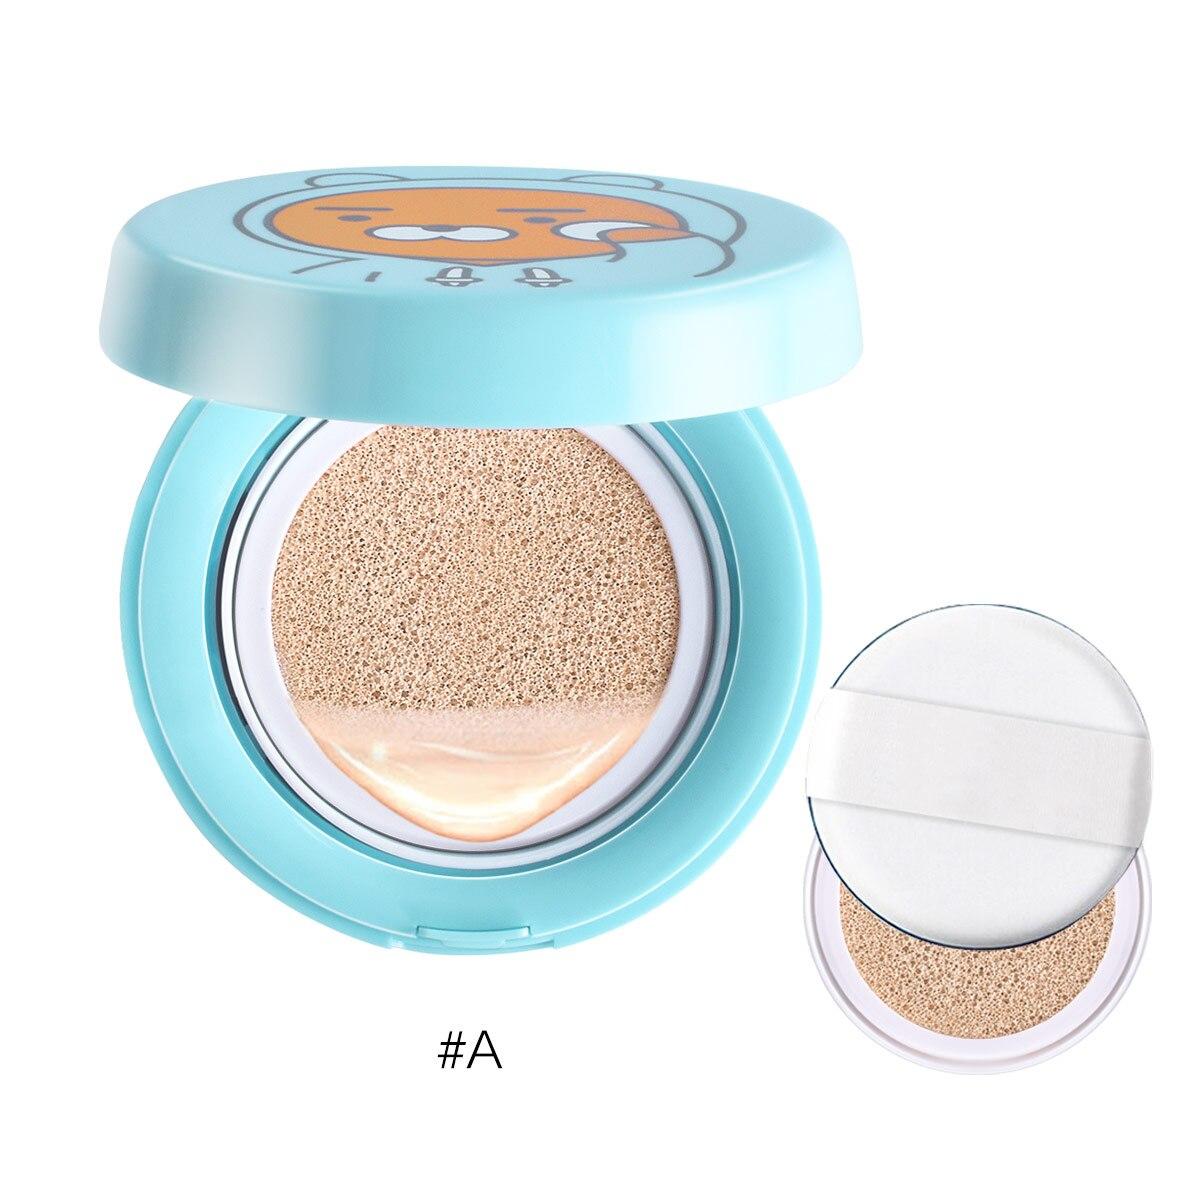 Кроссовки на воздушной подушке BB крем изоляция ВВ nude консилер, масло увлажняющий шампунь для 15gX2 макияж бренд HengFang# H8470 - Цвет: A